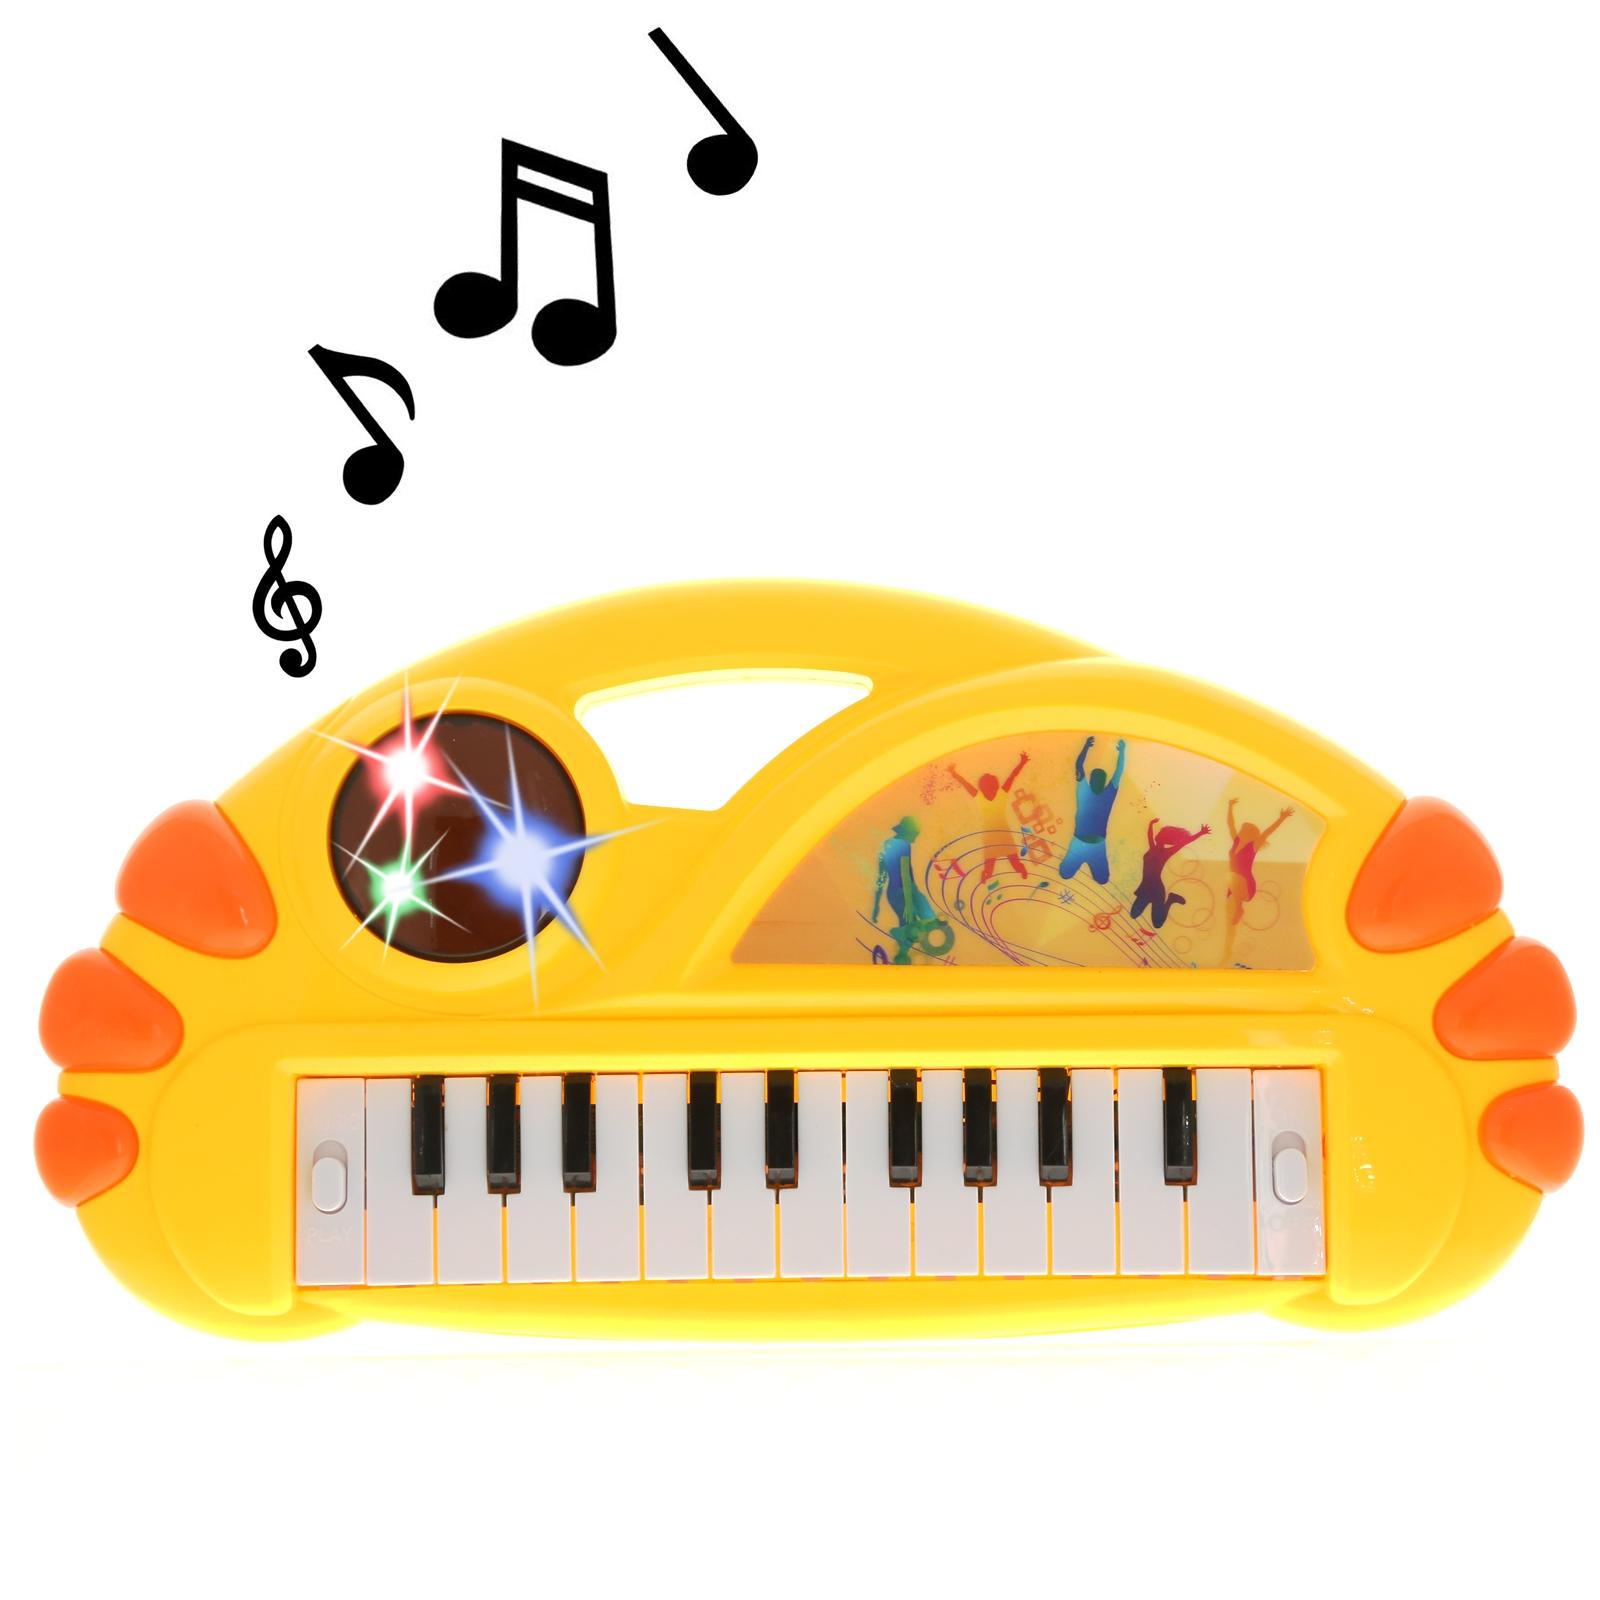 KidPlay Organ Musical Instrument Electronic Keyboard Kids Toy - Yellow